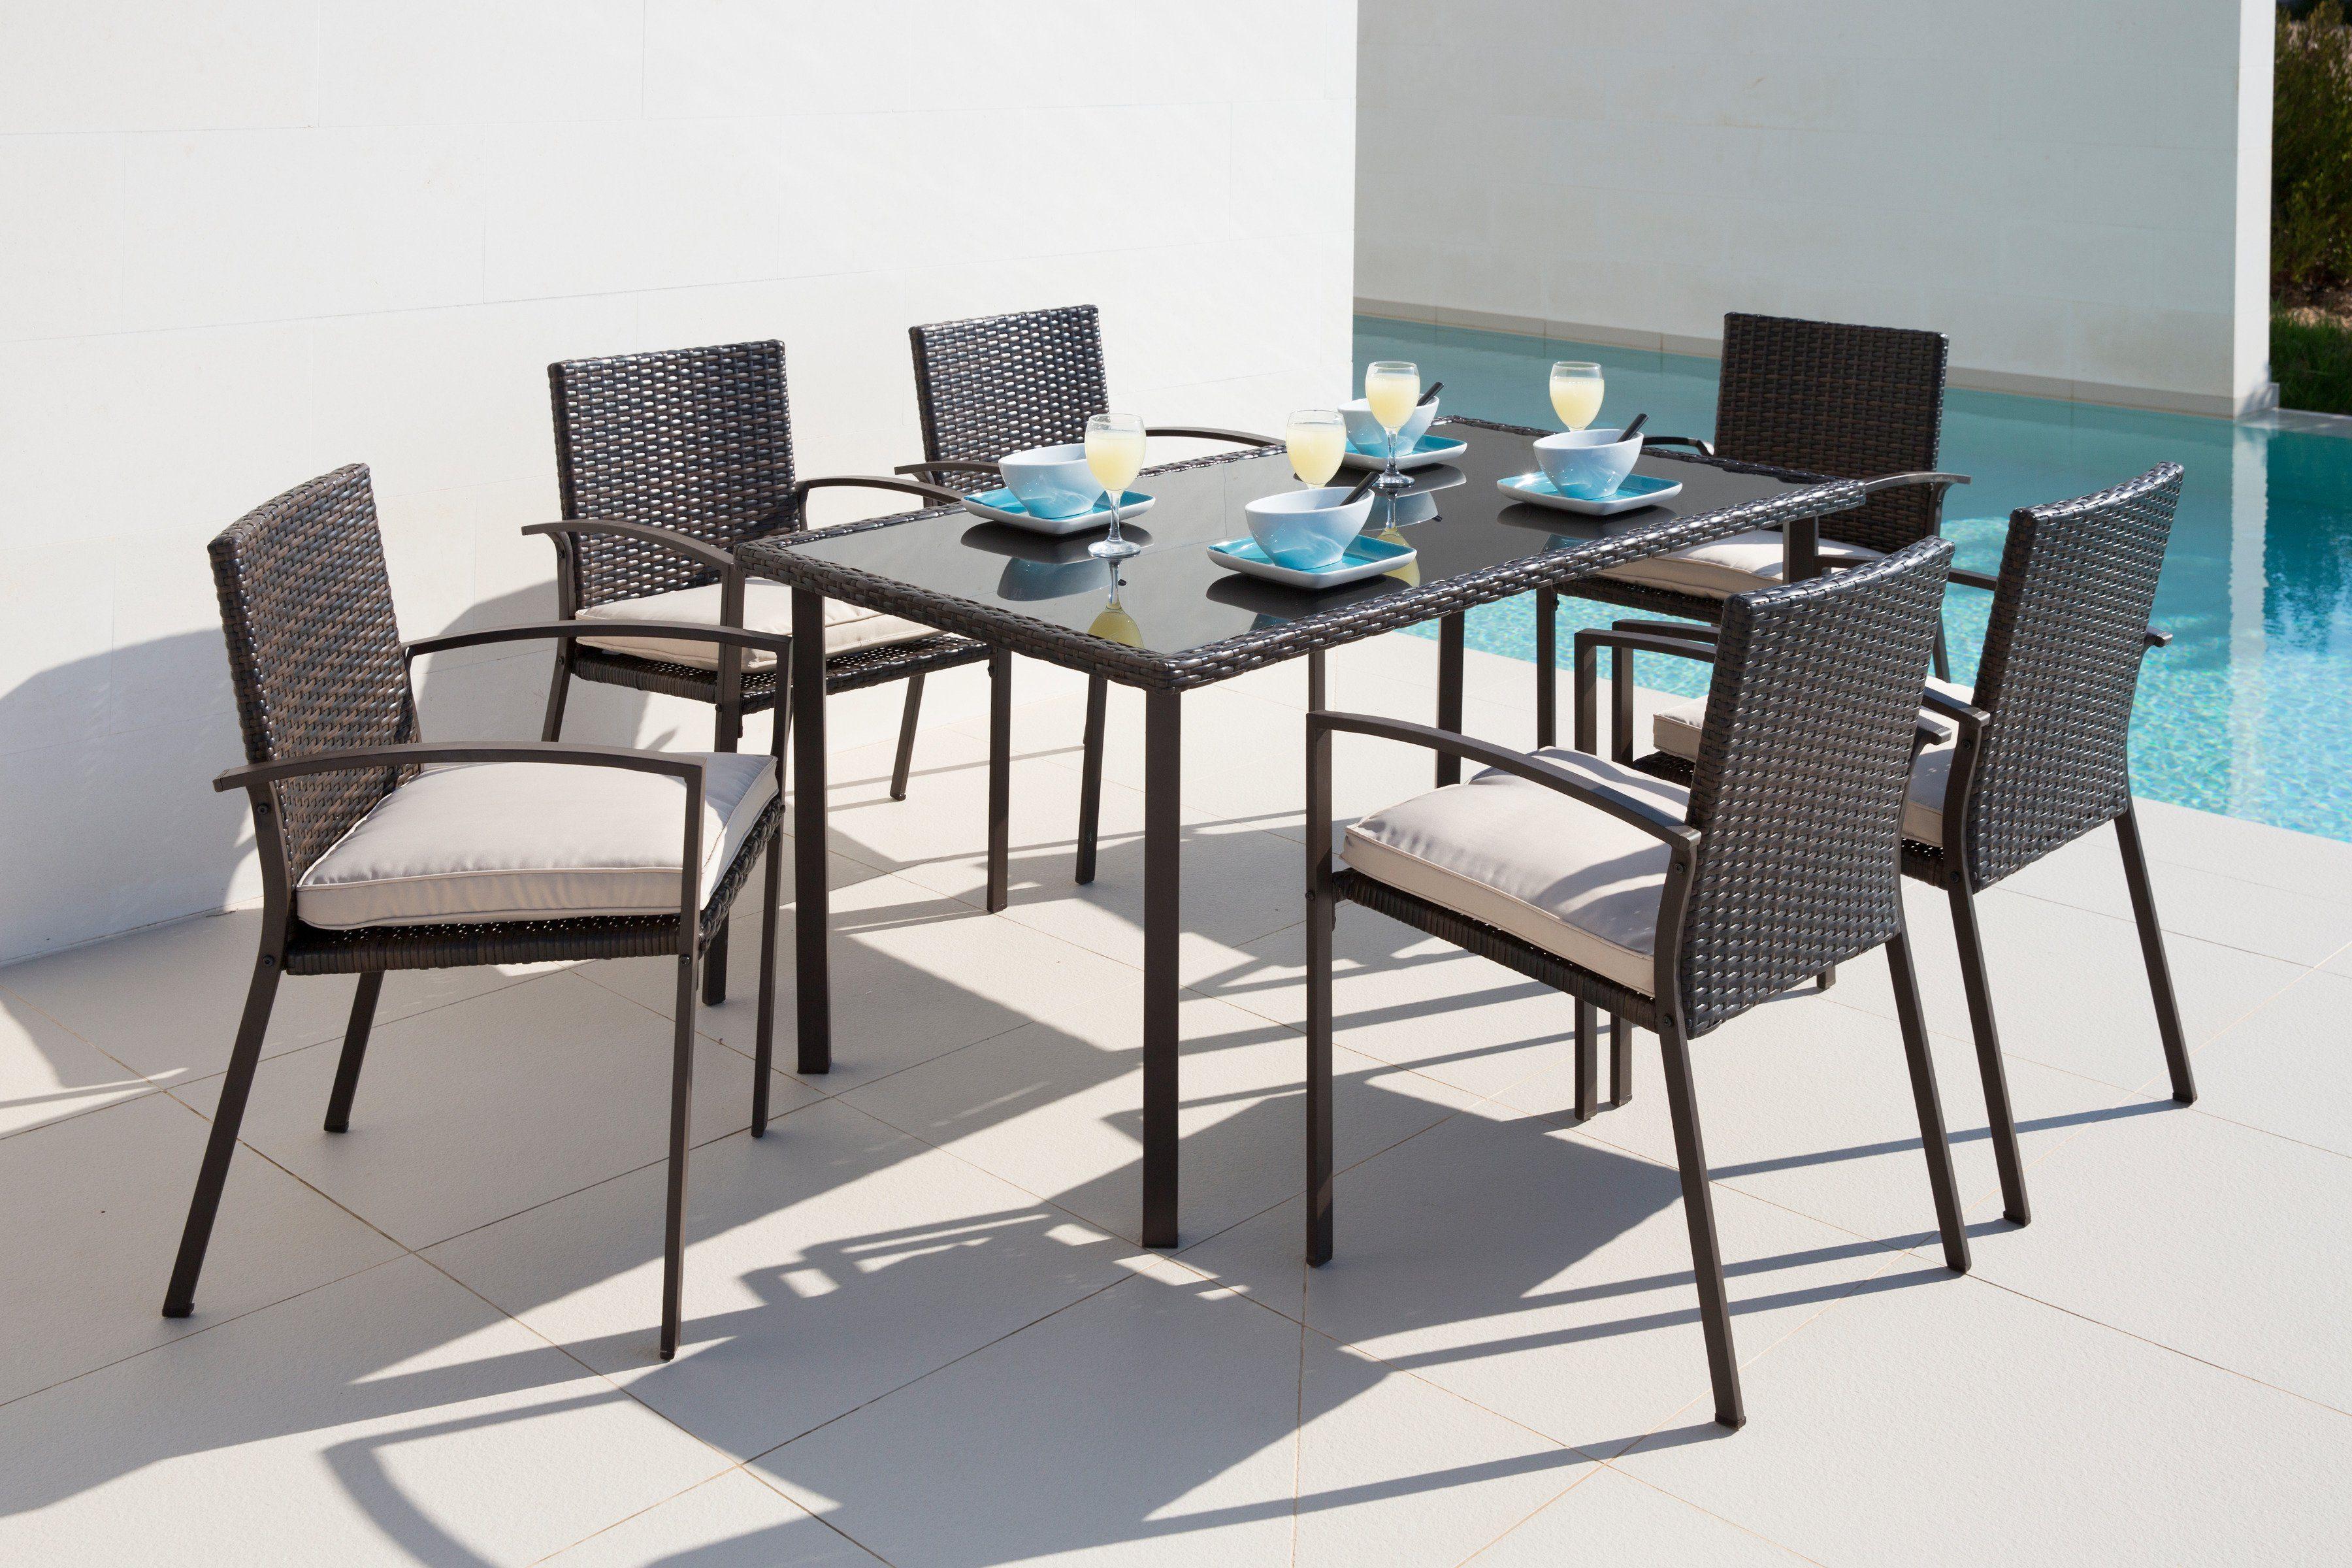 13-tlg. Gartenmöbelset »Victoria«, 6 Sessel, Tisch 150x80 cm, Polyrattan, braun